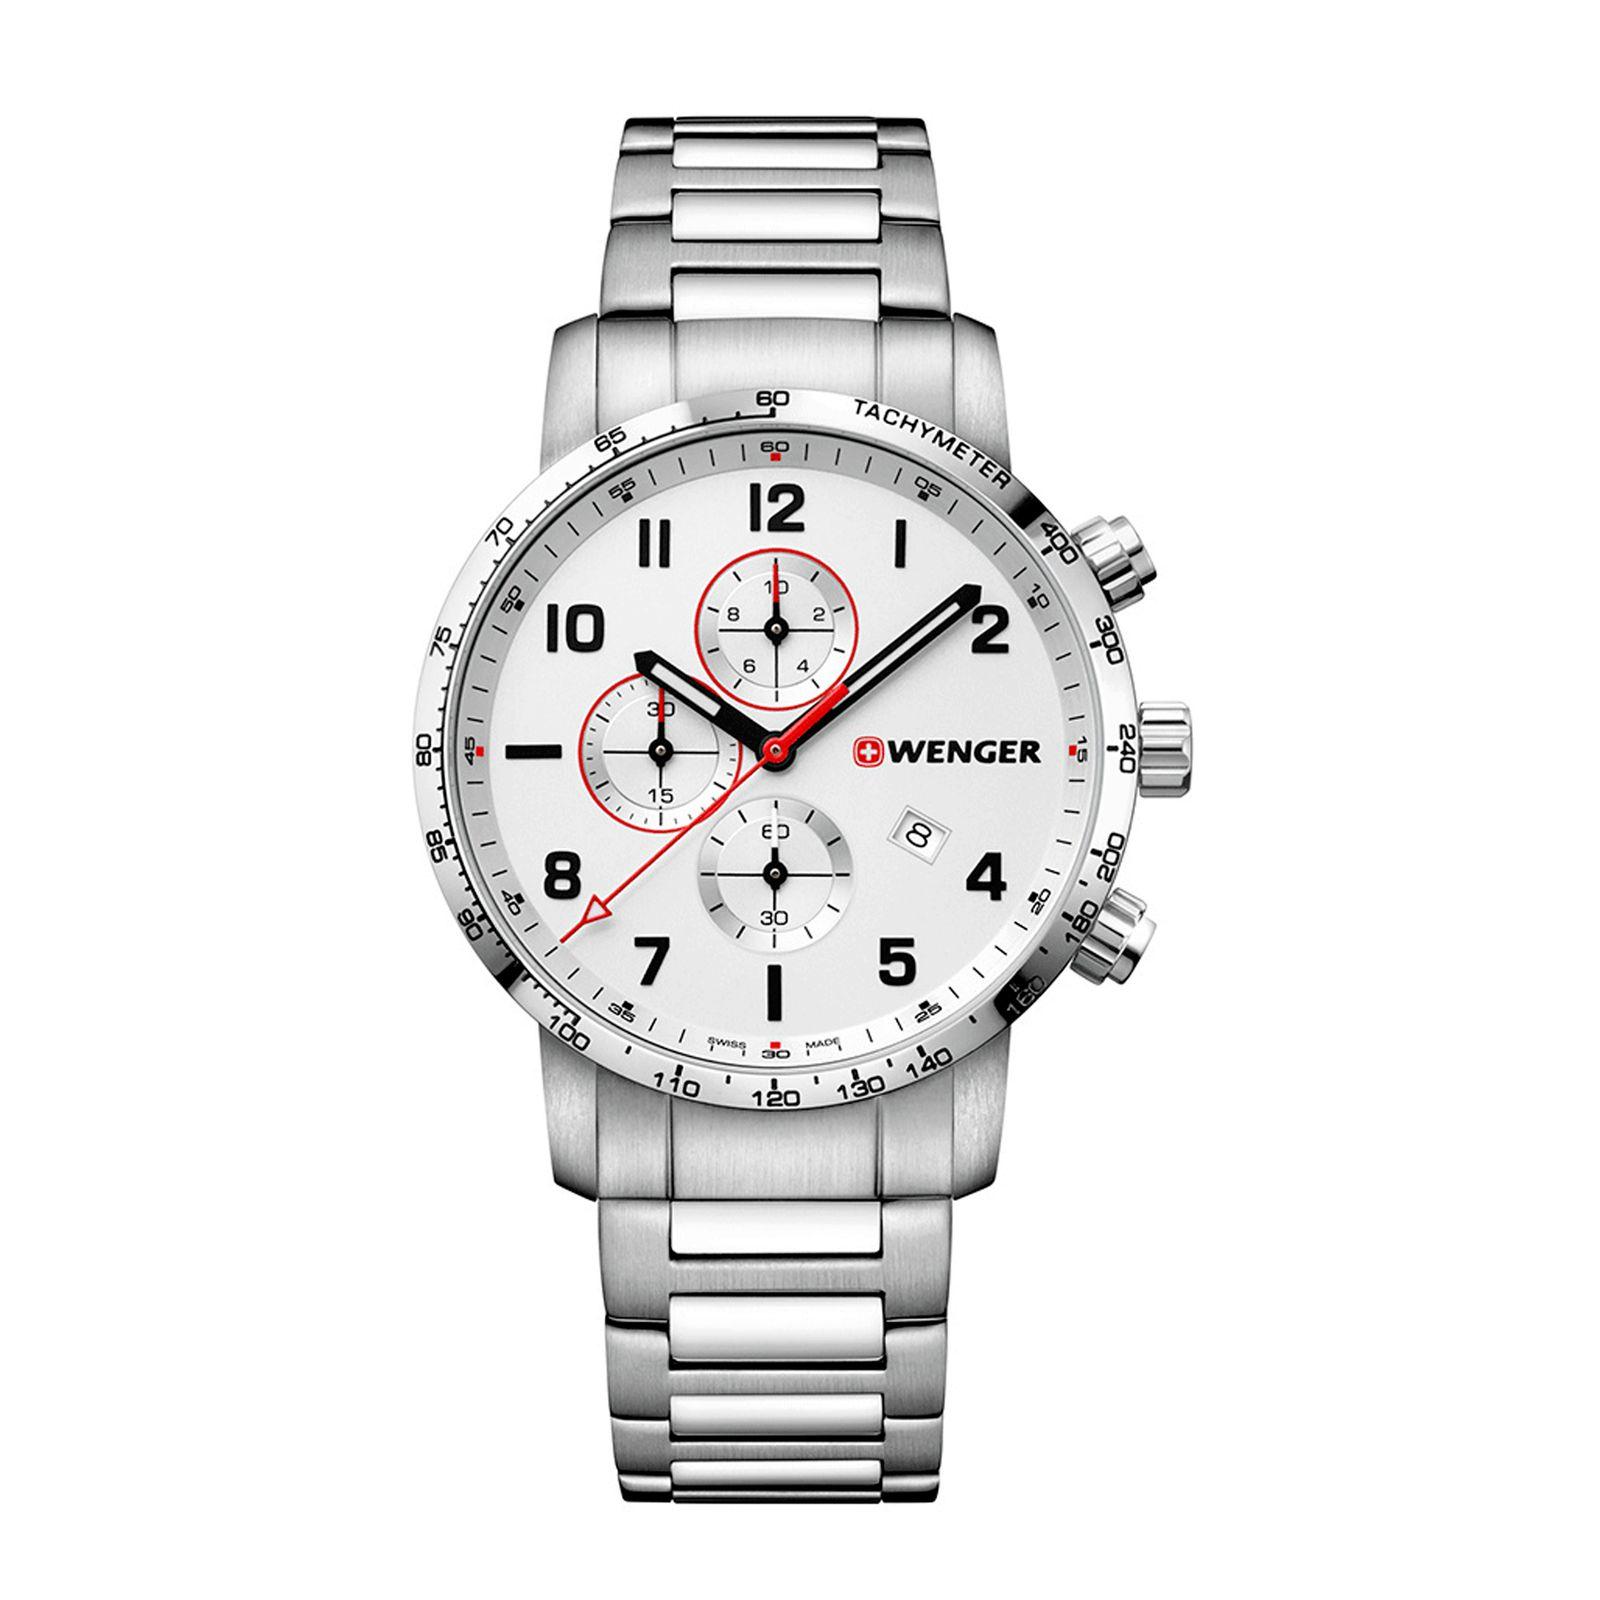 ساعت مچی عقربه ای مردانه ونگر مدل 01.1543.110 -  - 3